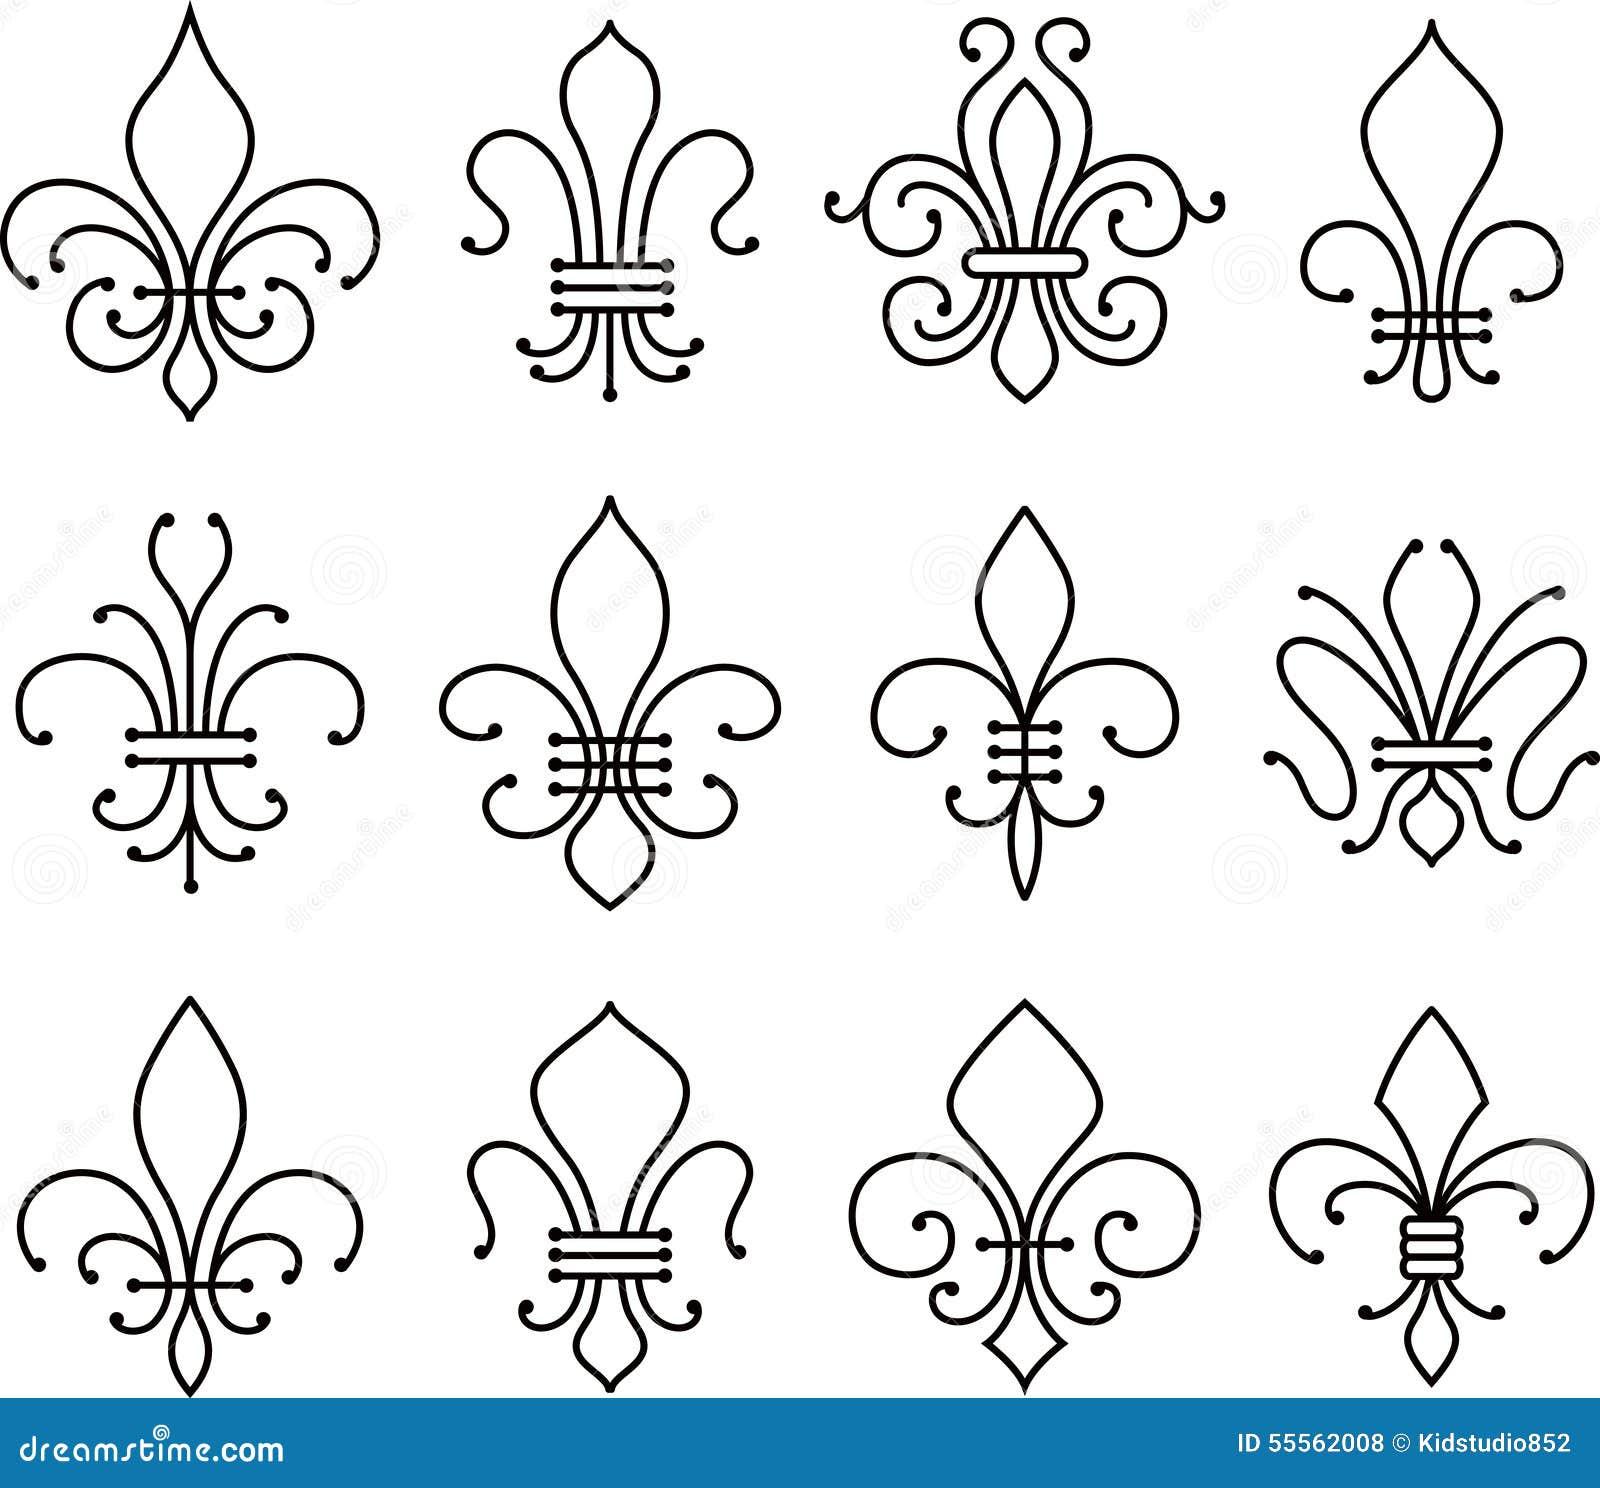 Symbole d 39 l ments de rouleau de fleur de lys illustration de vecteur image 55562008 - Symbole fleur de lys ...